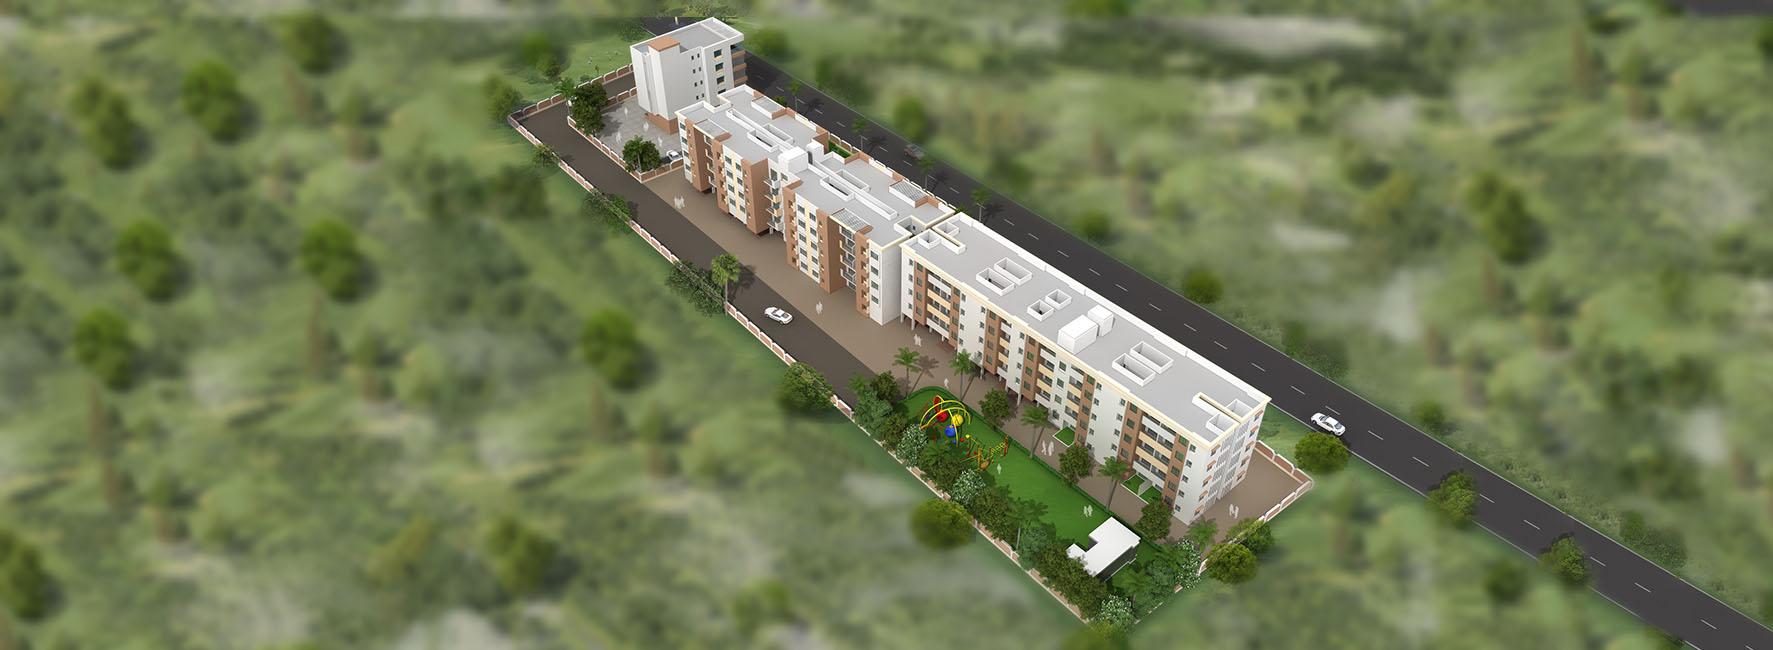 Shikrapur